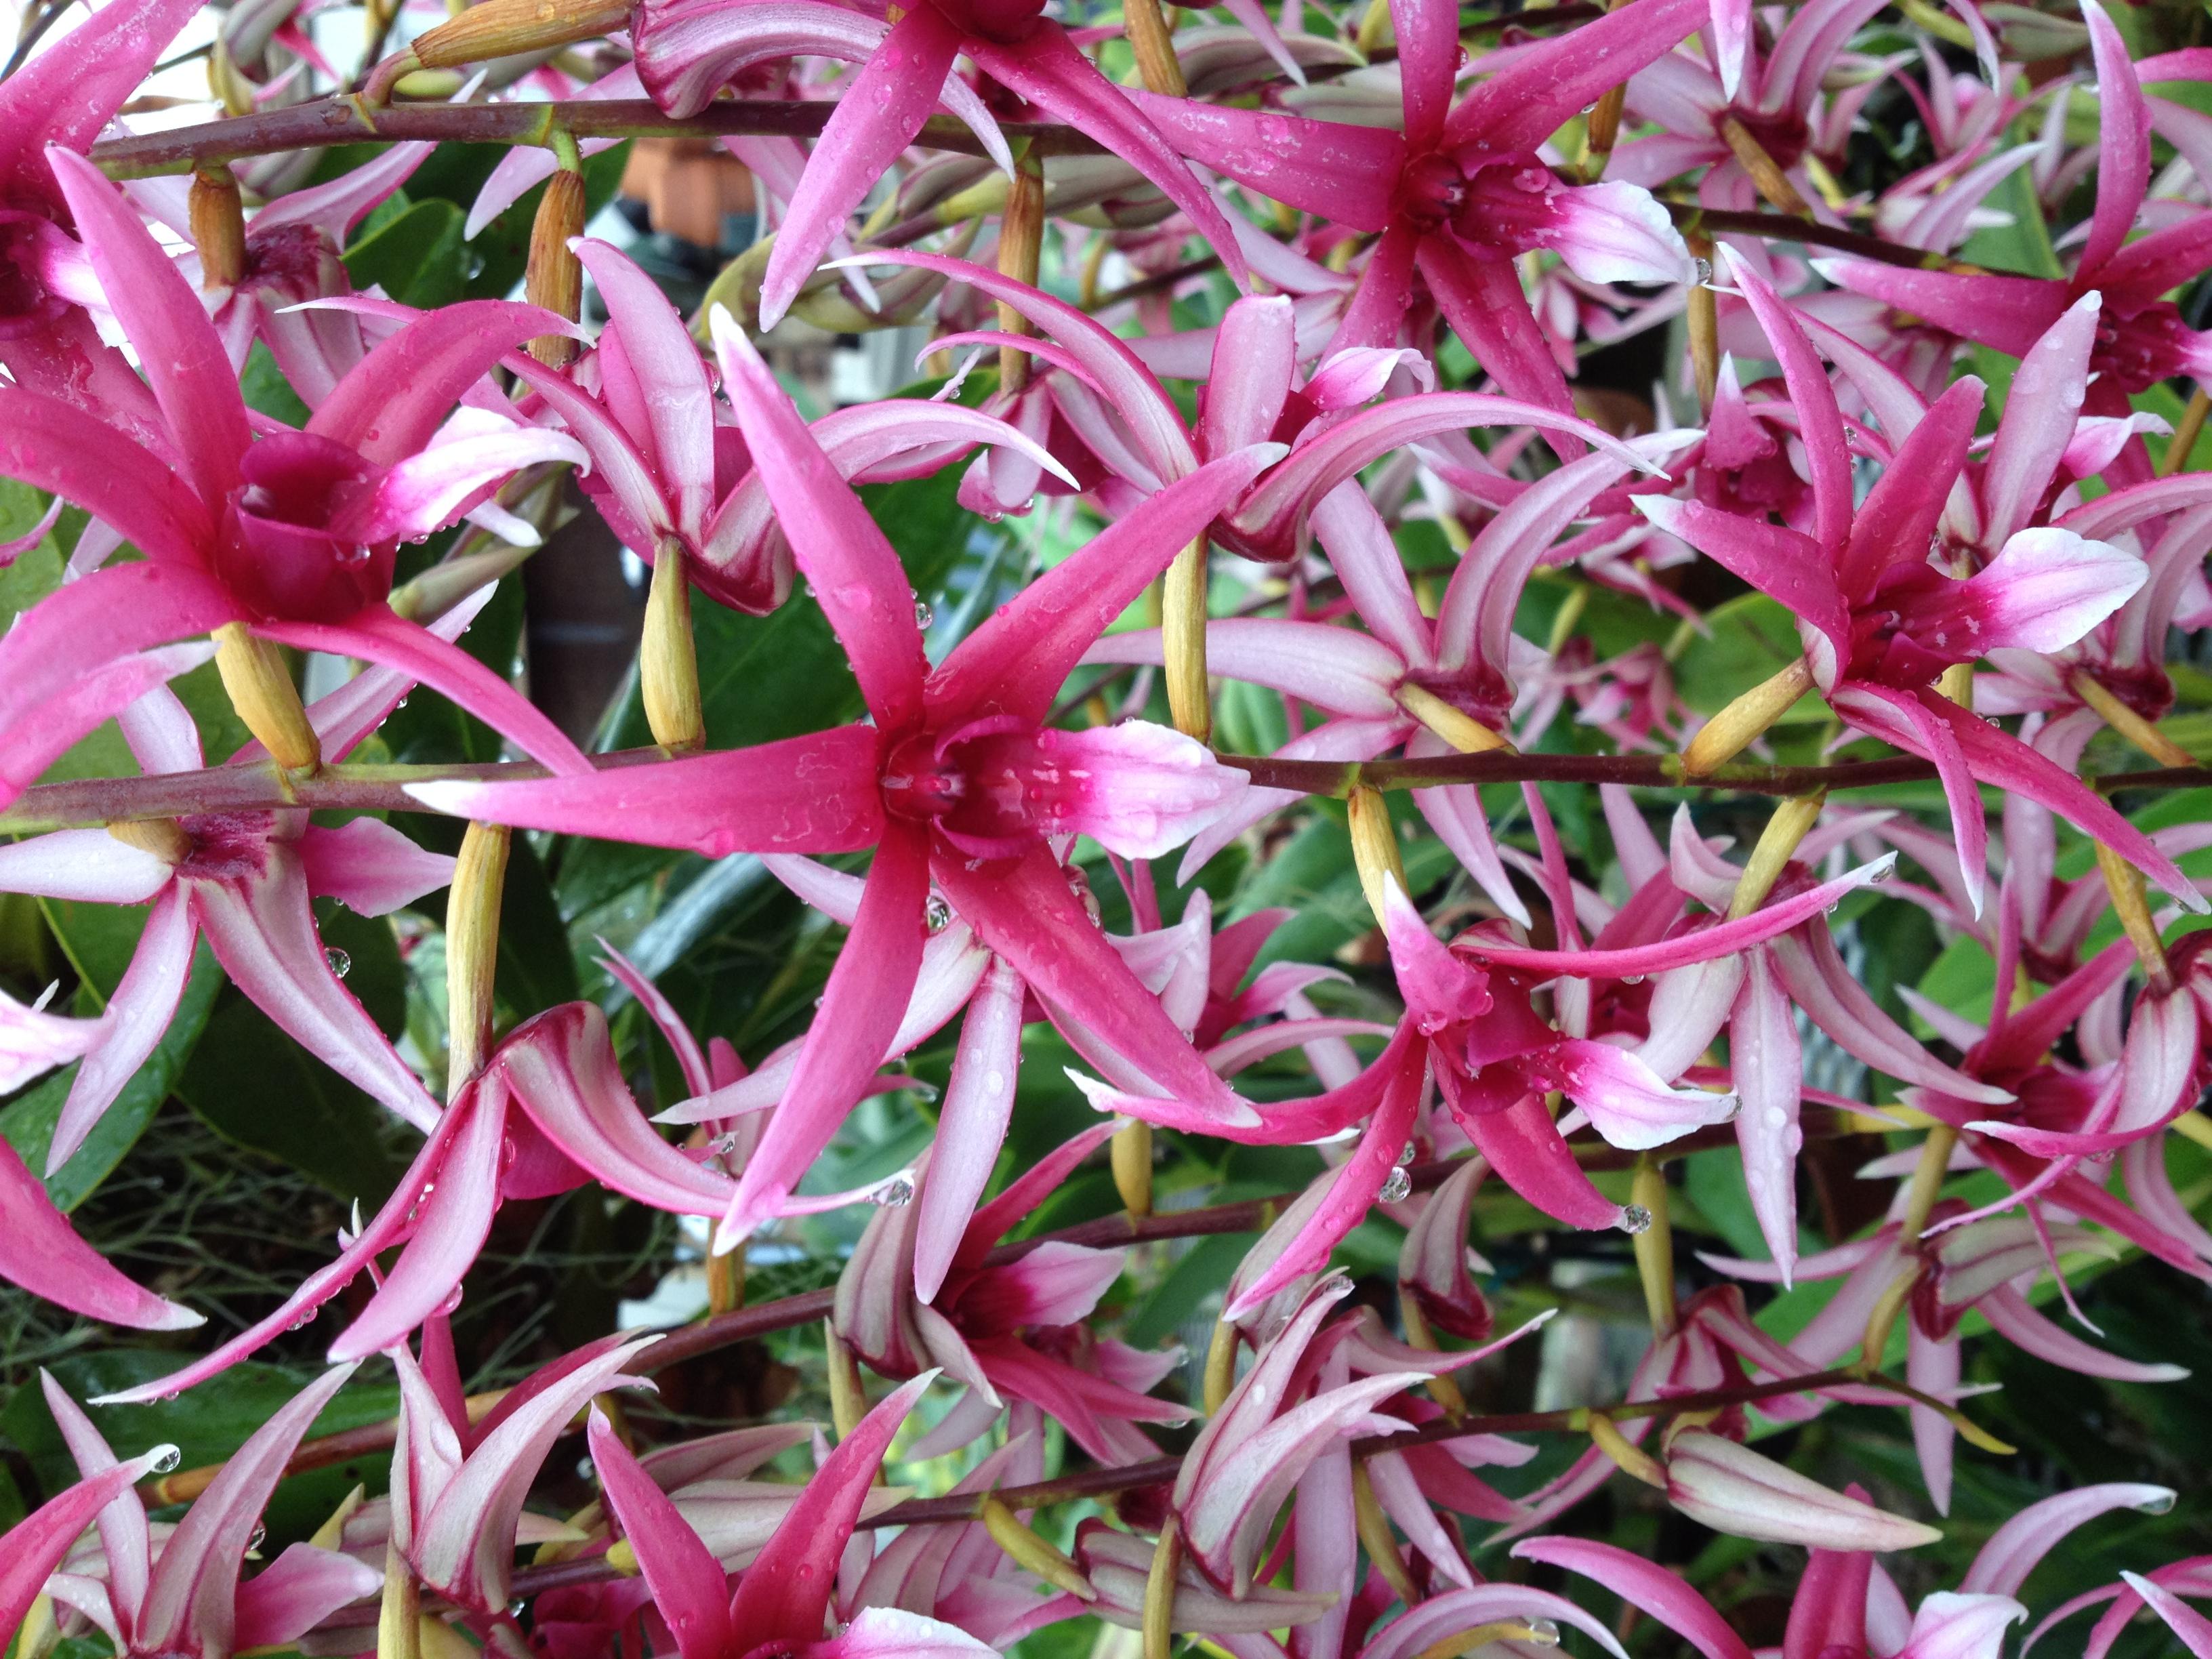 Epigenium orchid pic